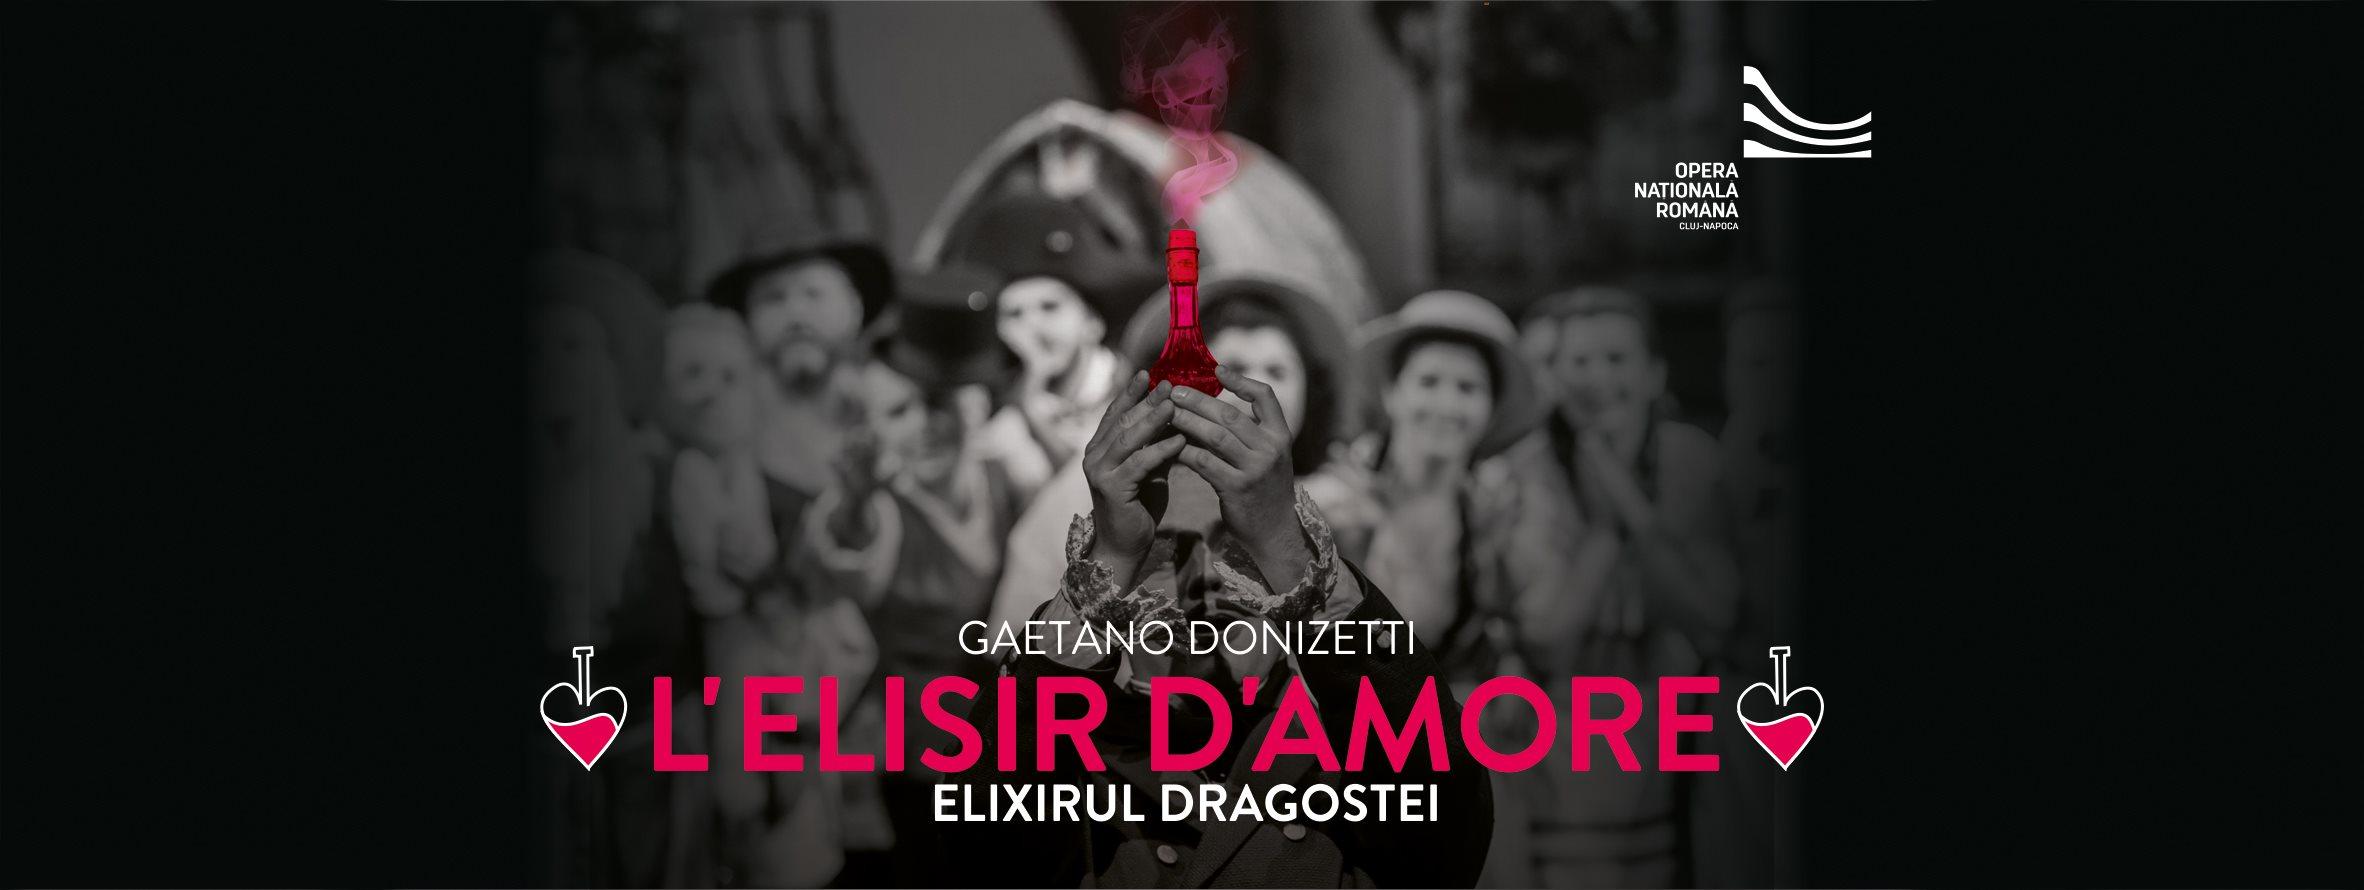 Elixirul Dragostei de Gaetano Donizetti